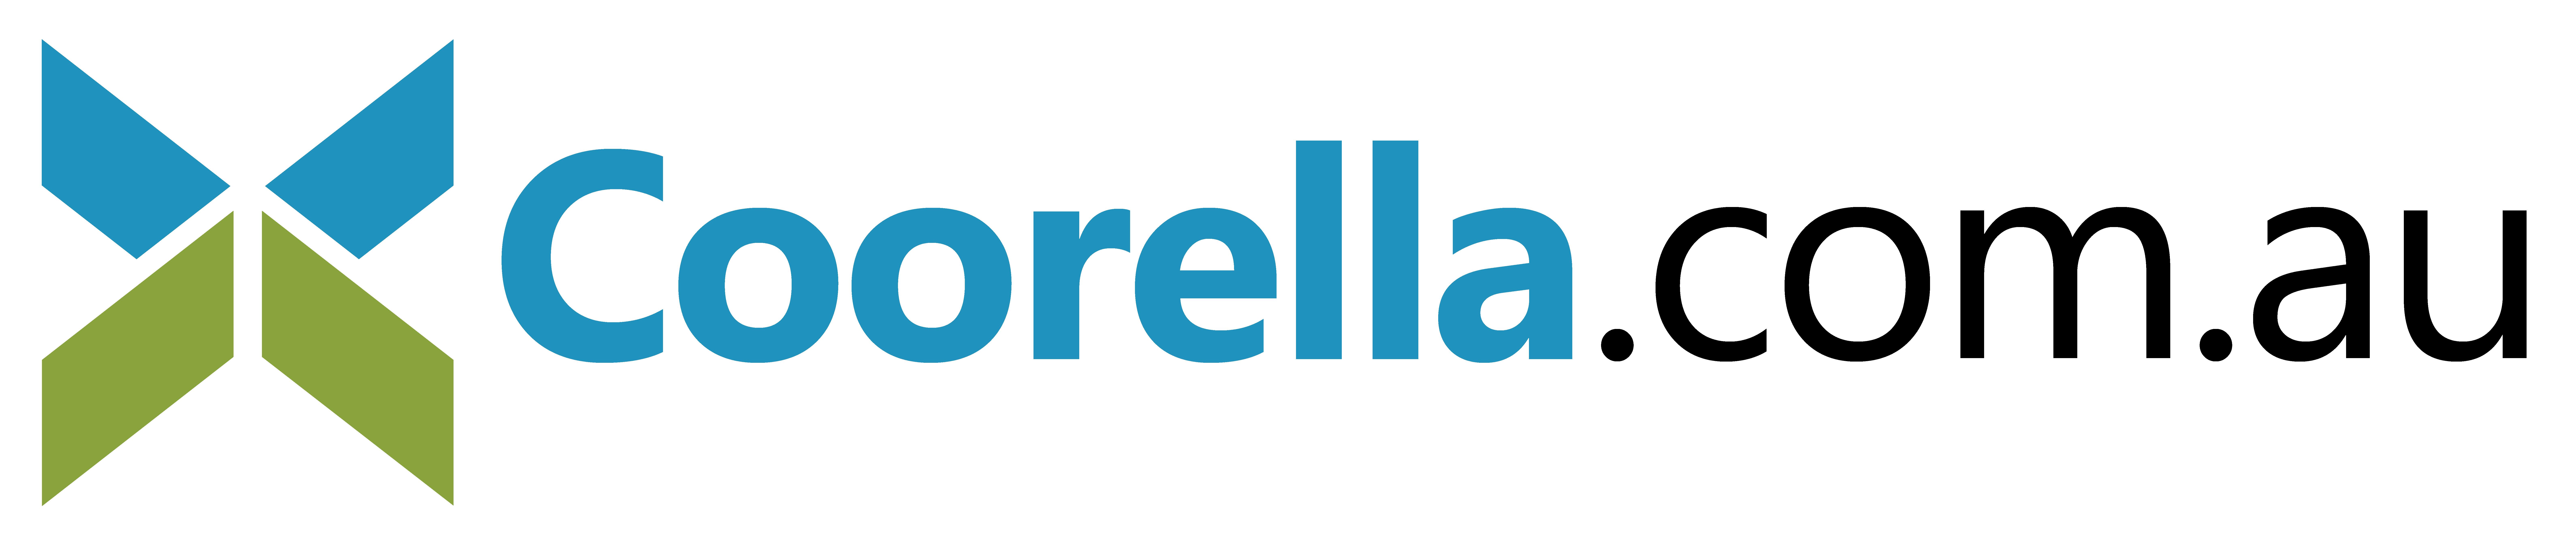 Coorella